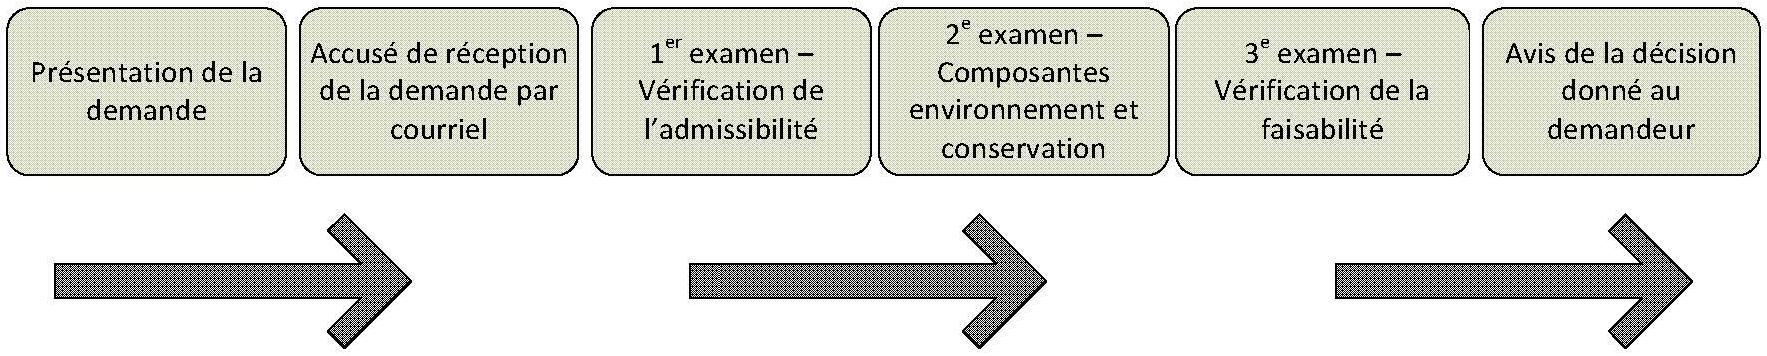 Une image montrant le processus de la façon dont les demandes seront examin&eacutees de la soumission à l'avis final du requérant.